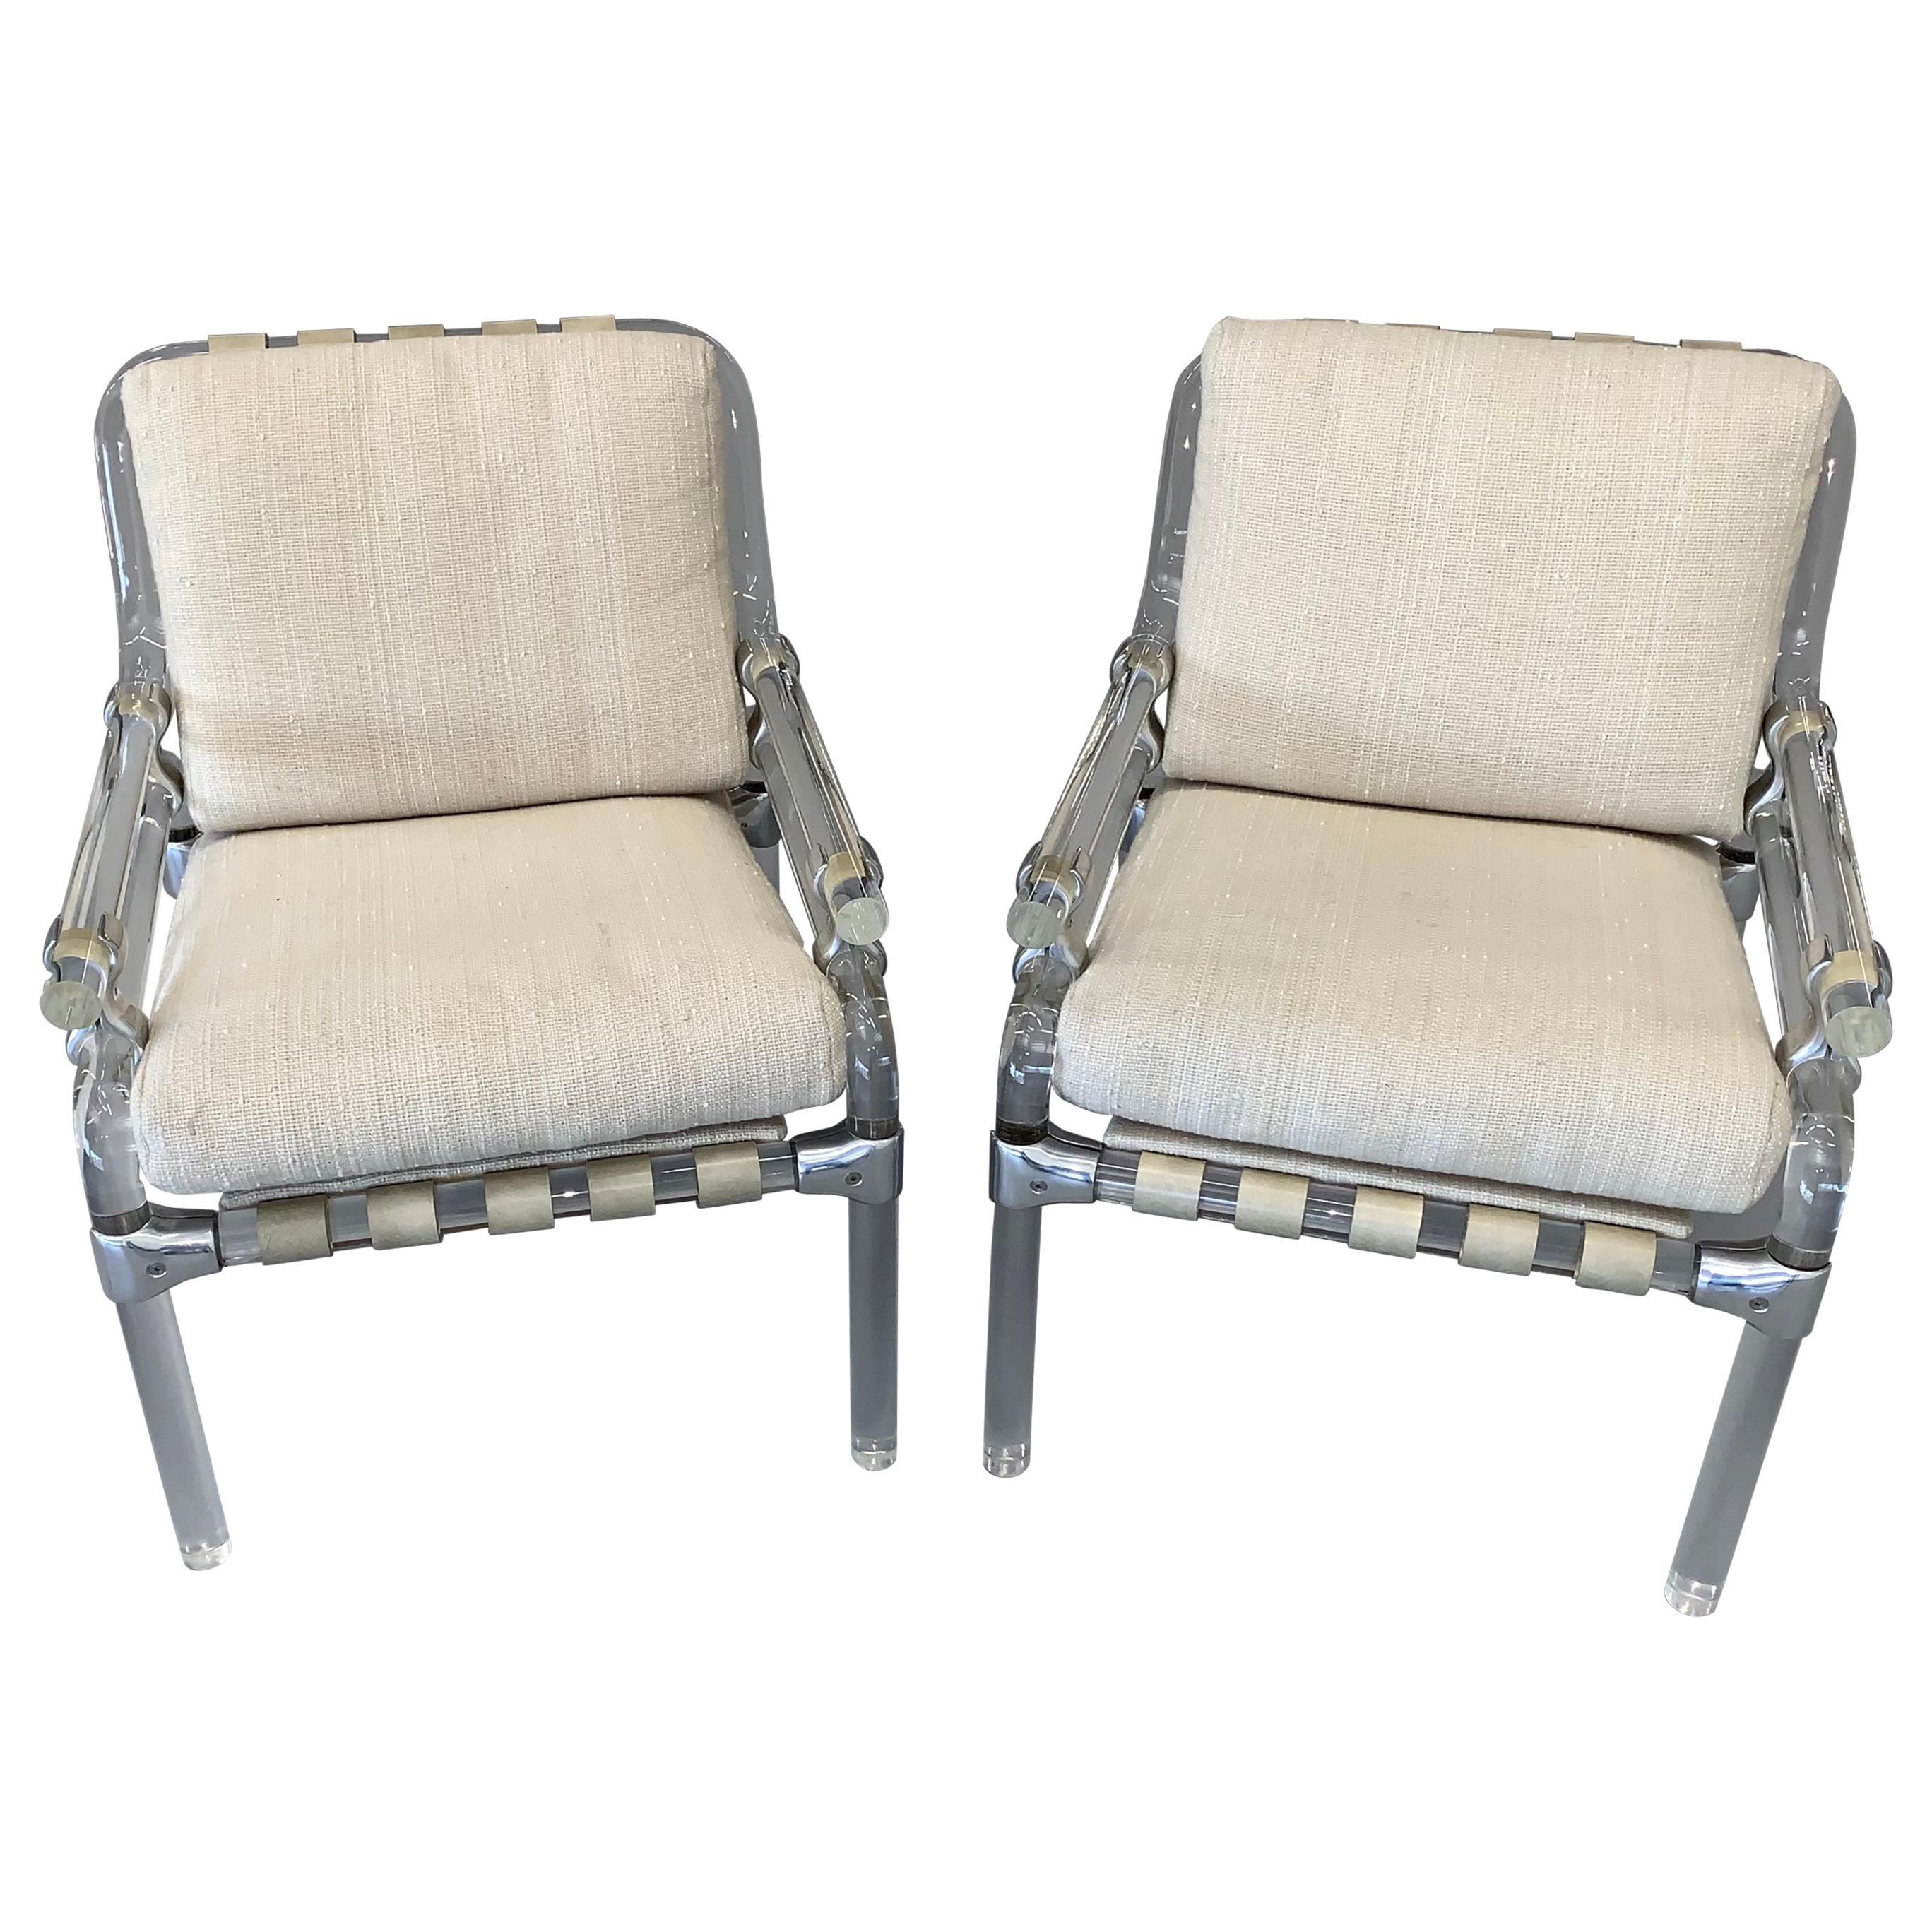 Jeff Messerschmidt Pipeline Chairs, 1973